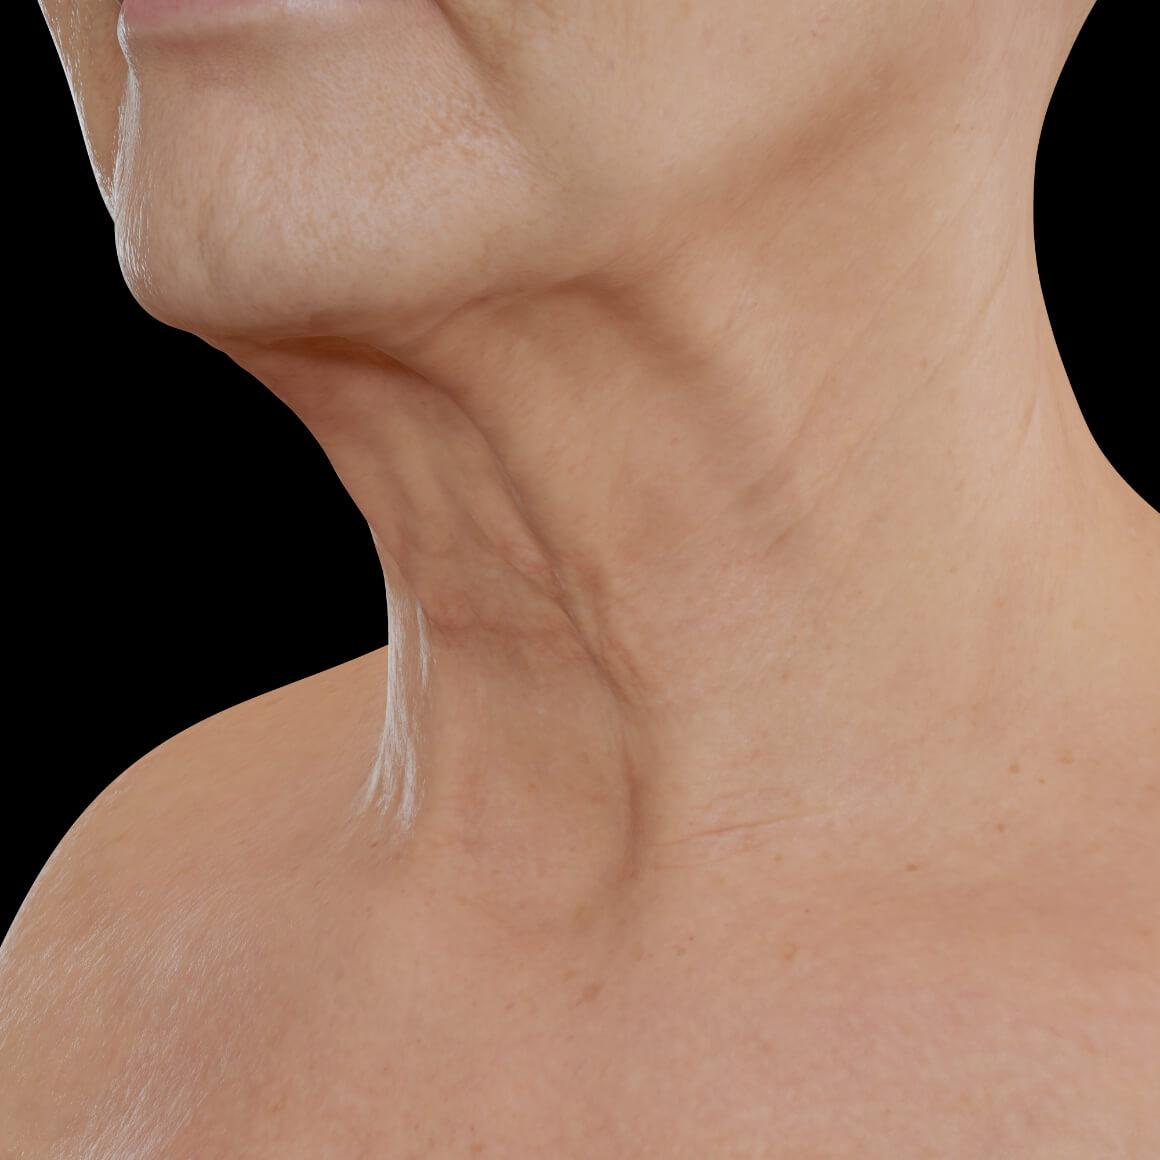 Patiente de la Clinique Chloé positionnée en angle ayant des rides et des cordes platysmales apparentes dans la région du cou